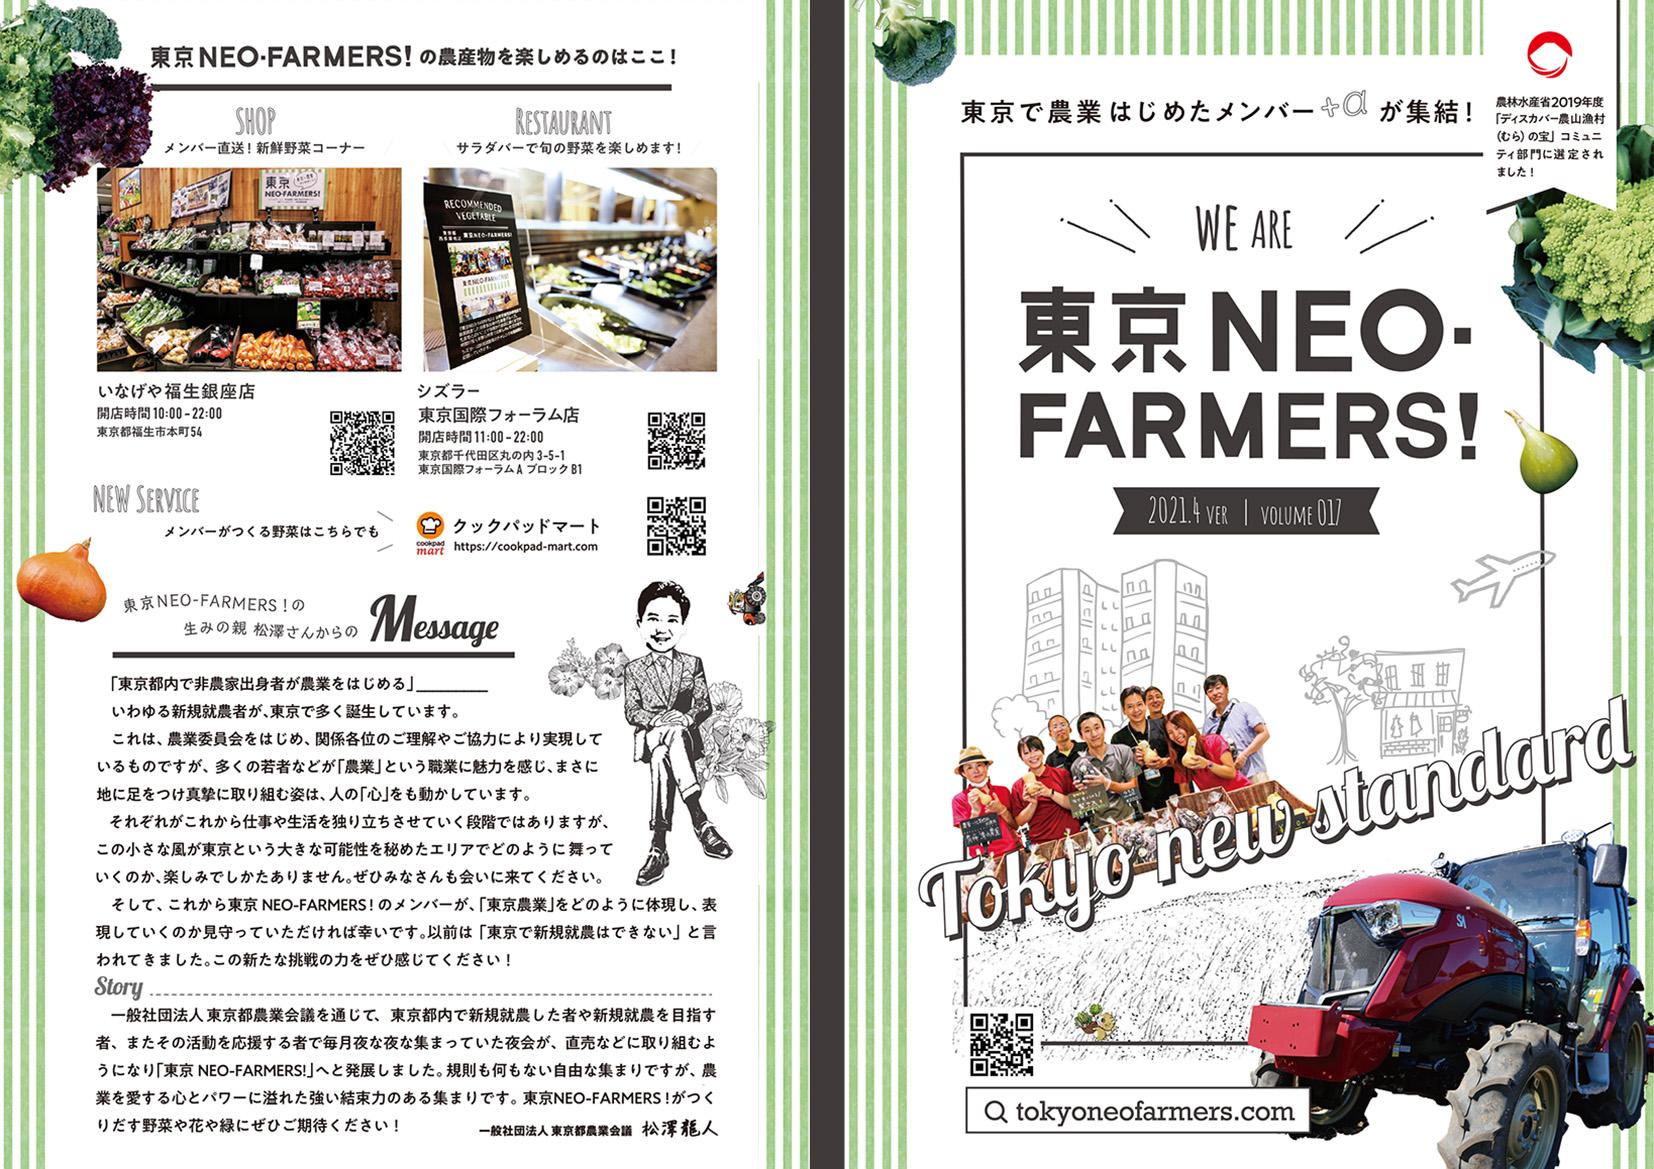 【最新版】東京NEO-FARMERS!リーフレットできました!